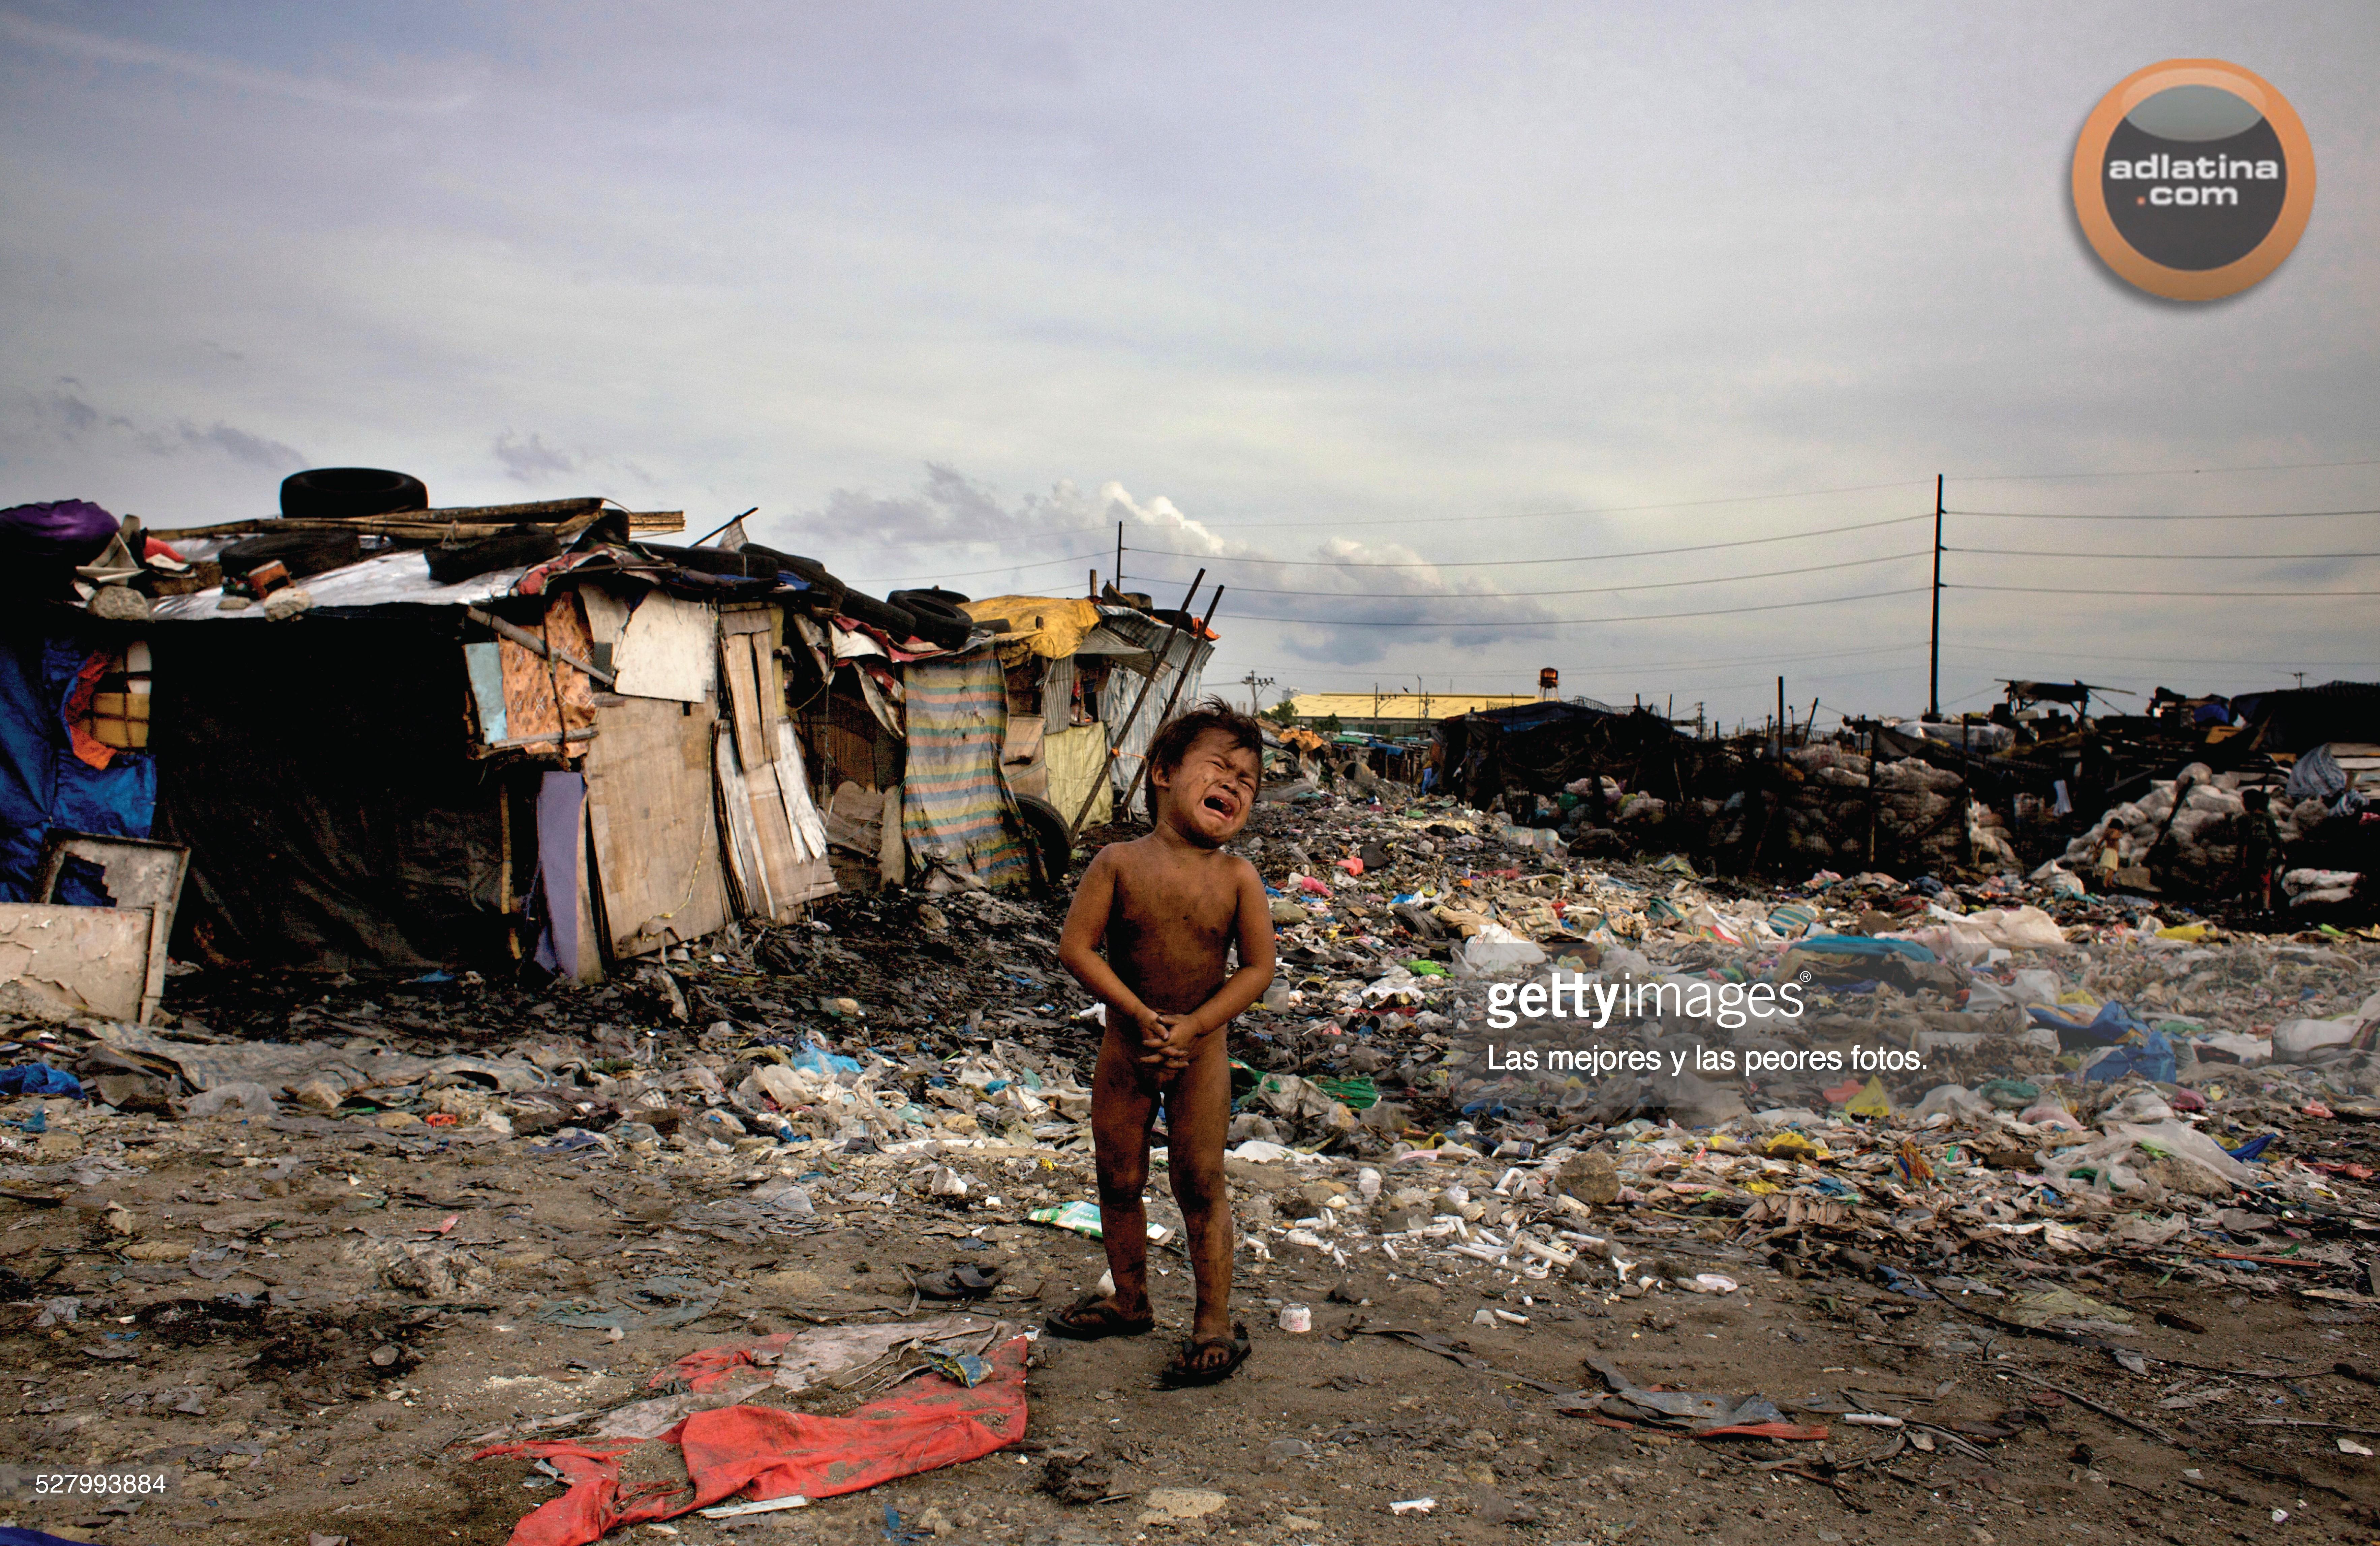 2. Pobreza. Getty Images. DDB Argentina. A partir de Adlatina.